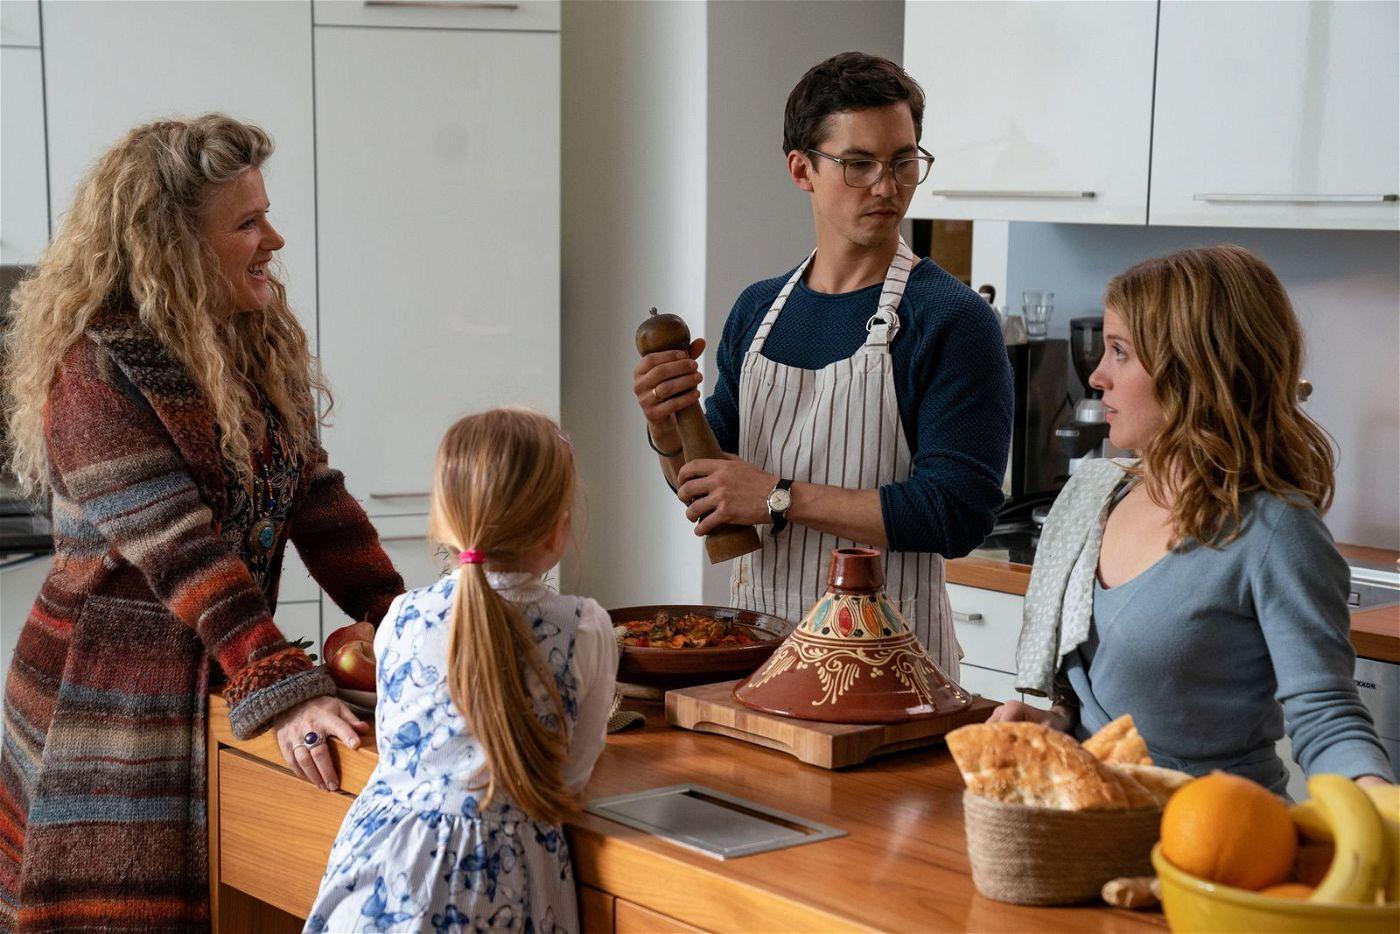 Philippa (Barbara Sukowa, links) holt ihre Leih-Enkelin  Leonie ab - Witze über die Dinkelbrezeln der Öko-Helikopter-Eltern (Tim Oliver Schultz, Paula Kalenberg) inklusive.